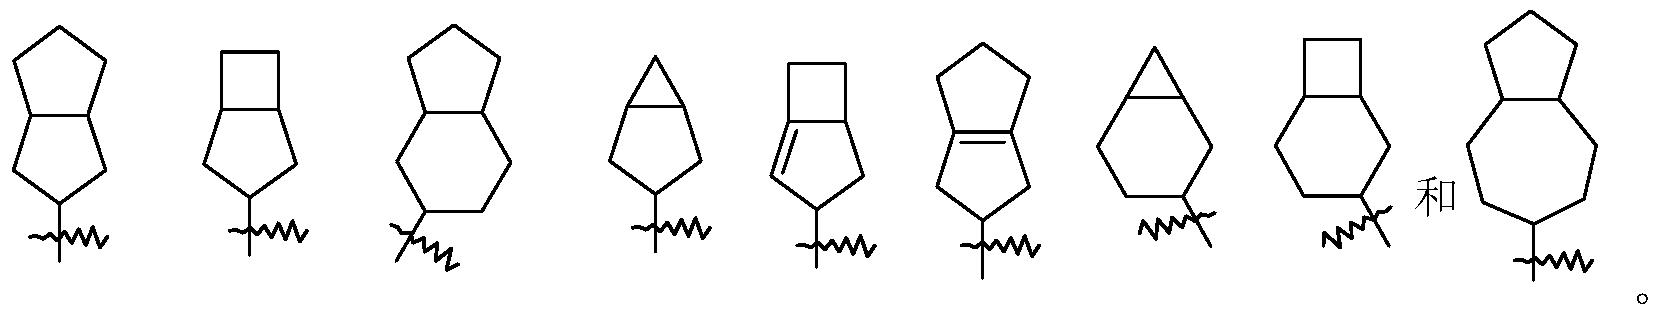 Figure PCTCN2017077114-appb-000034